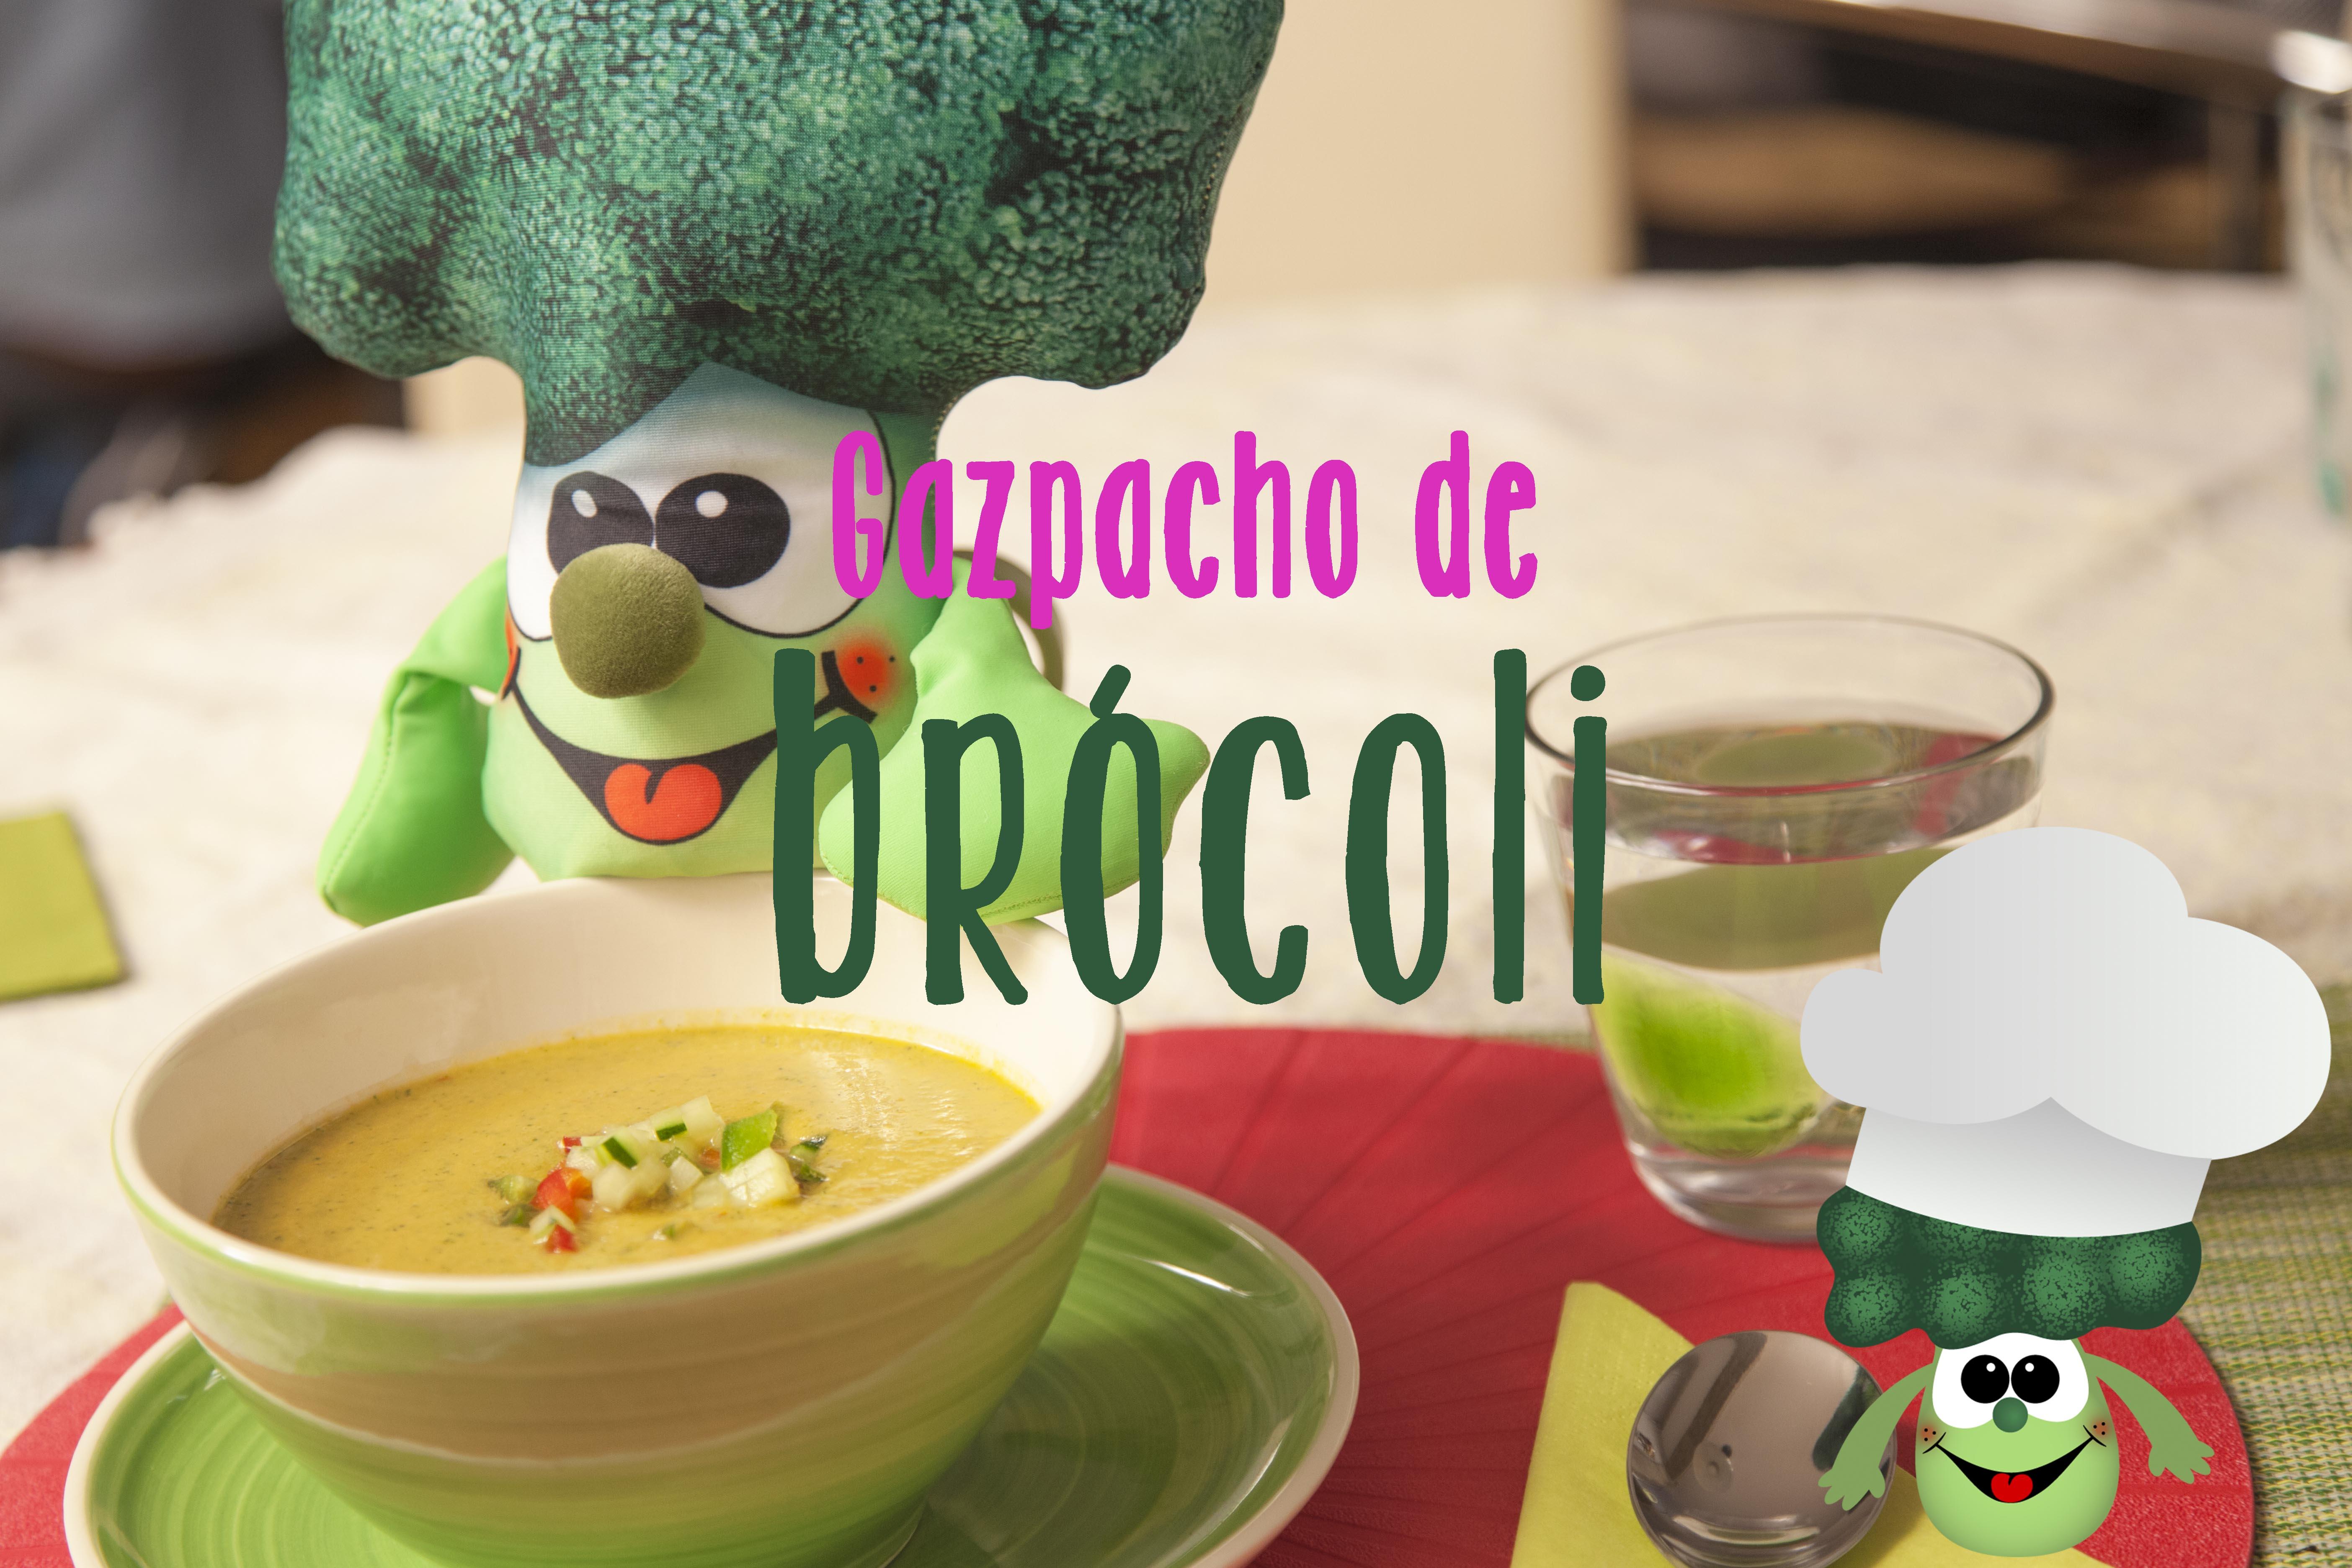 gazpacho de brócoli